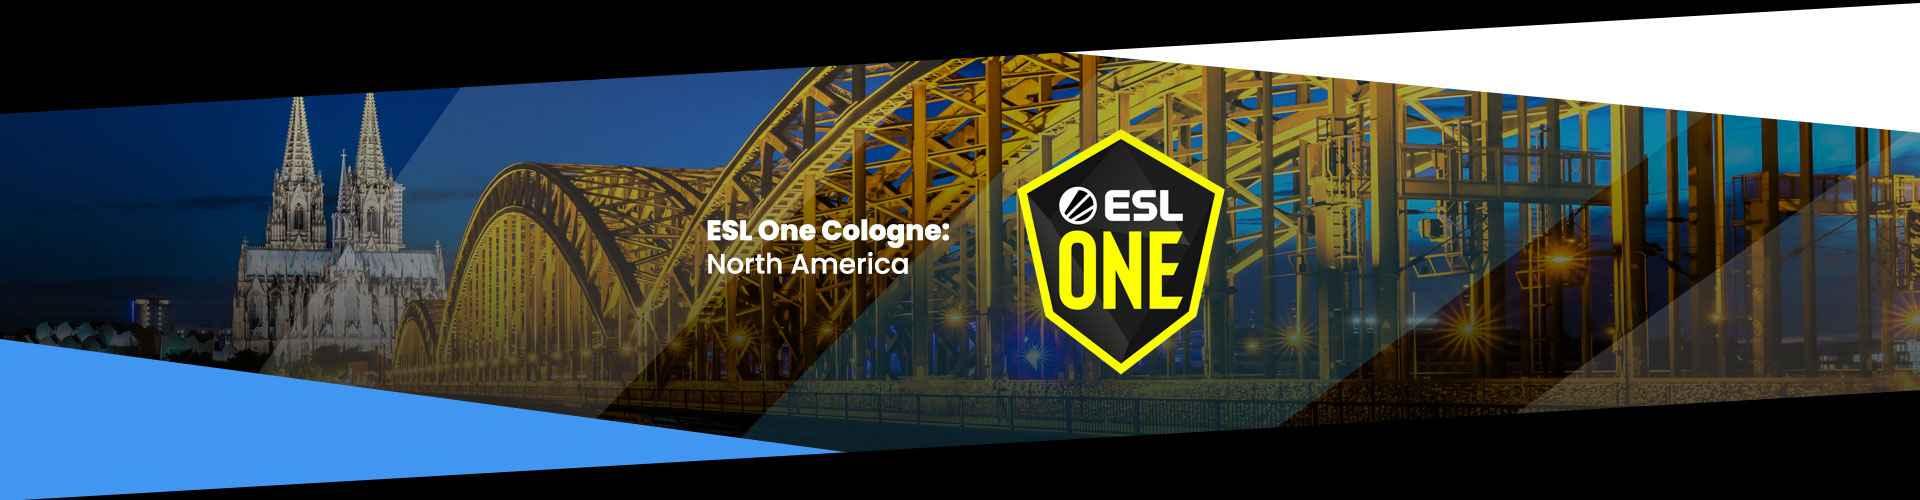 ESL One Cologne Online